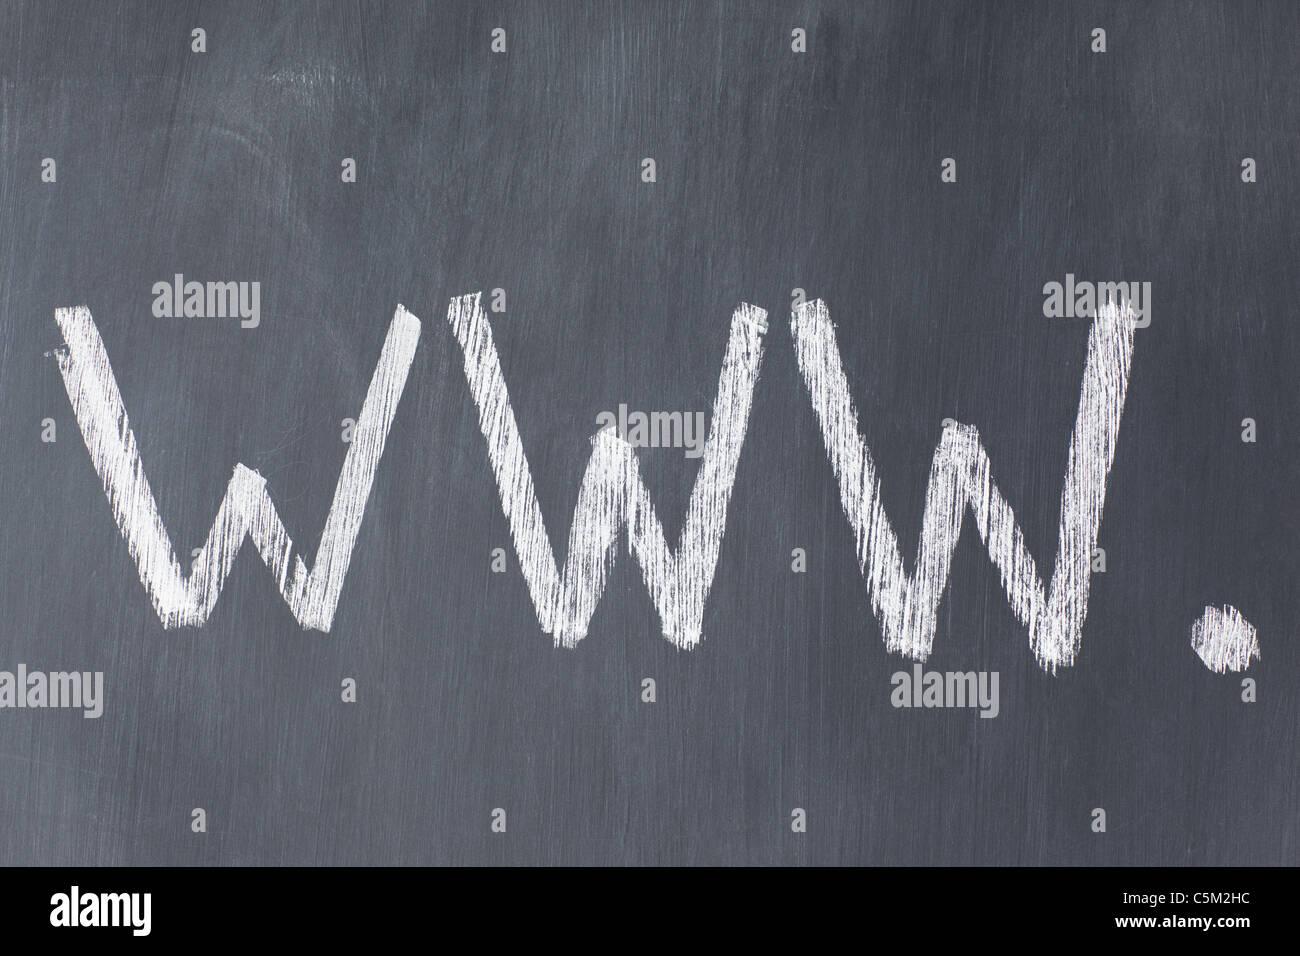 Blackboard with letters www' written on it' - Stock Image